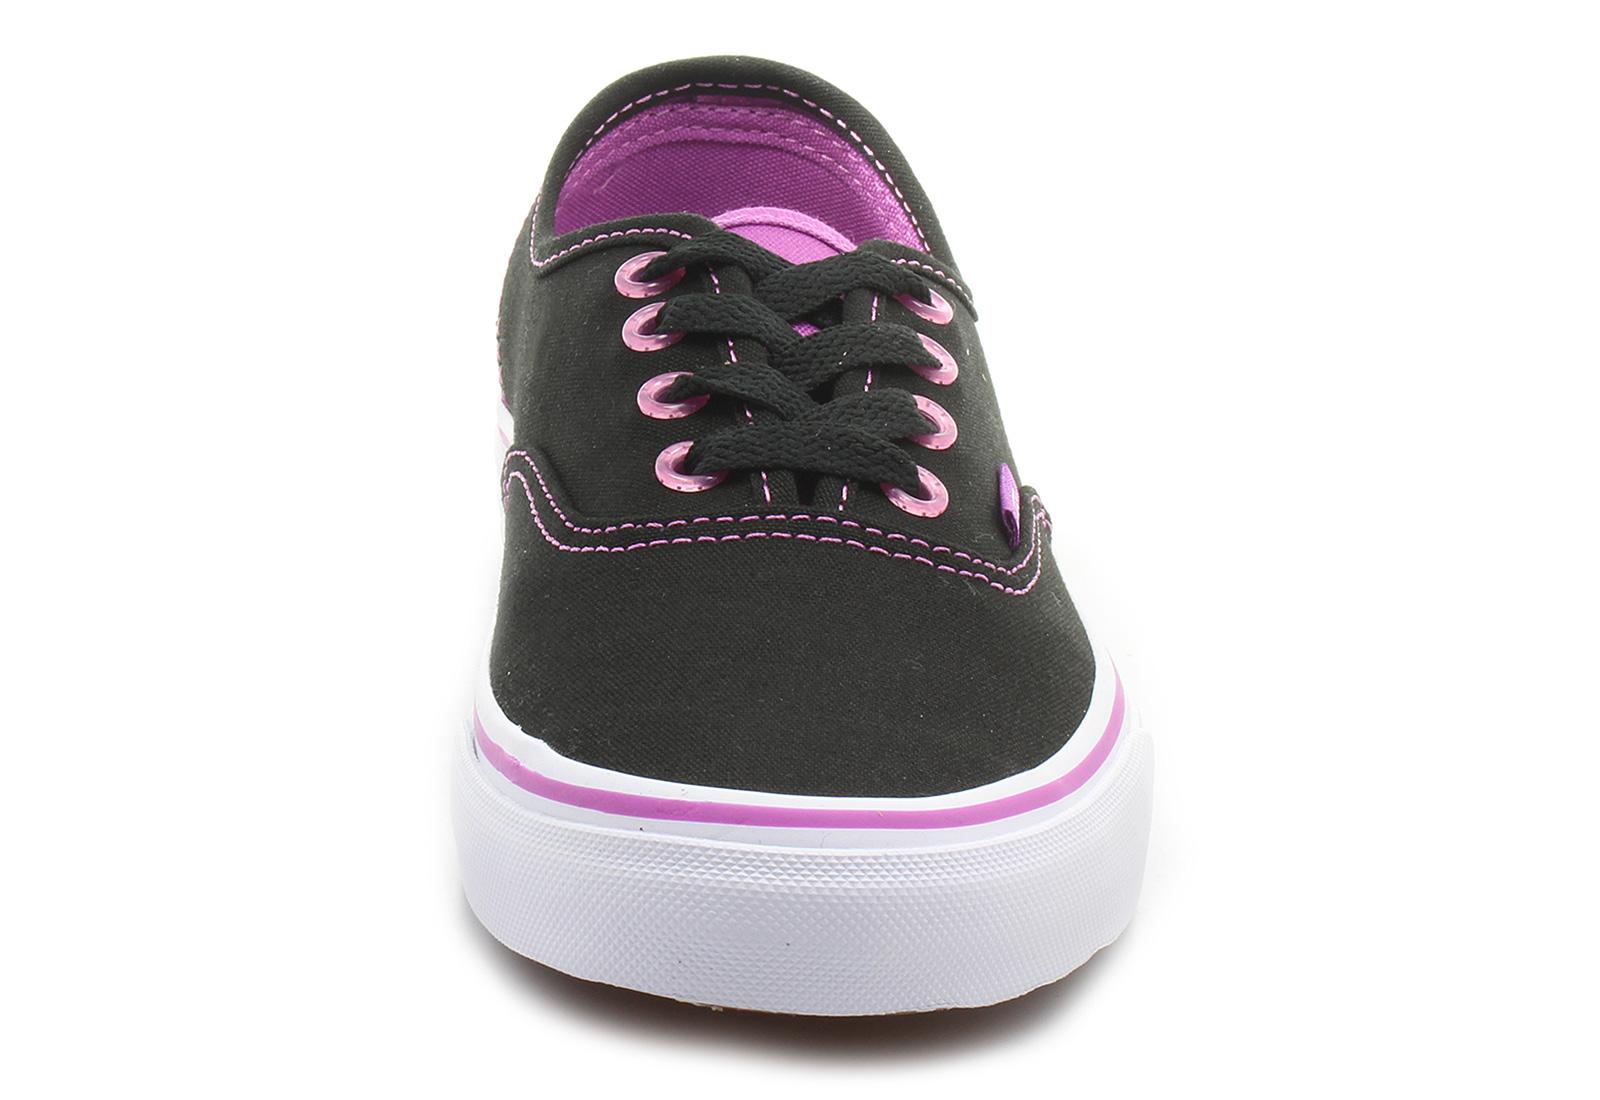 Vans Tornacipő - Authentic - VZUKFC6 - Office Shoes Magyarország 046bba9a93